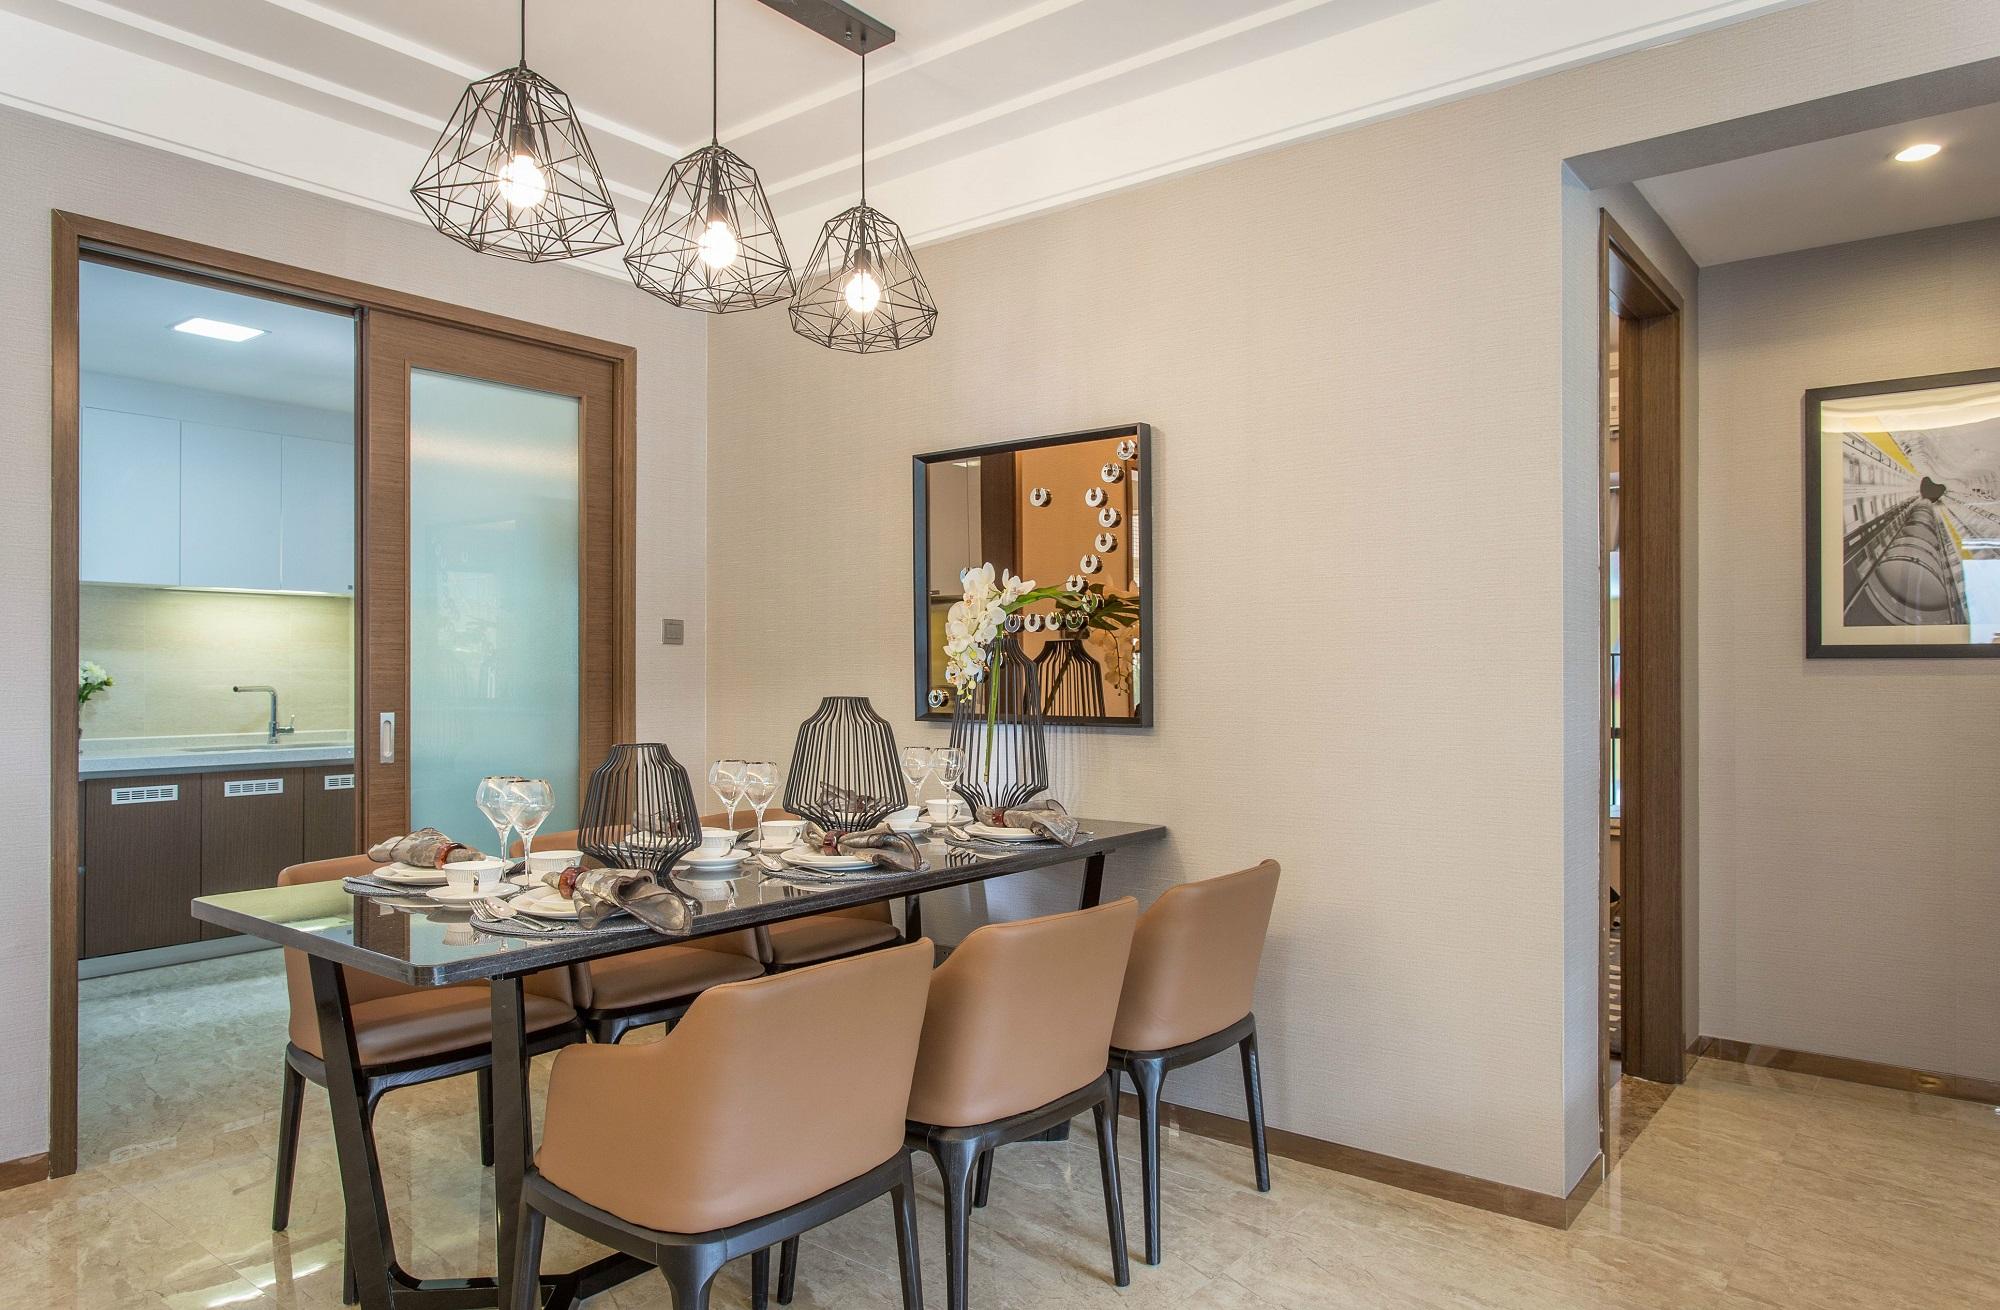 餐厅与客厅整体格调保持一致,一家人在这里用餐,简单平凡的日子,也可以过得小资浪漫。